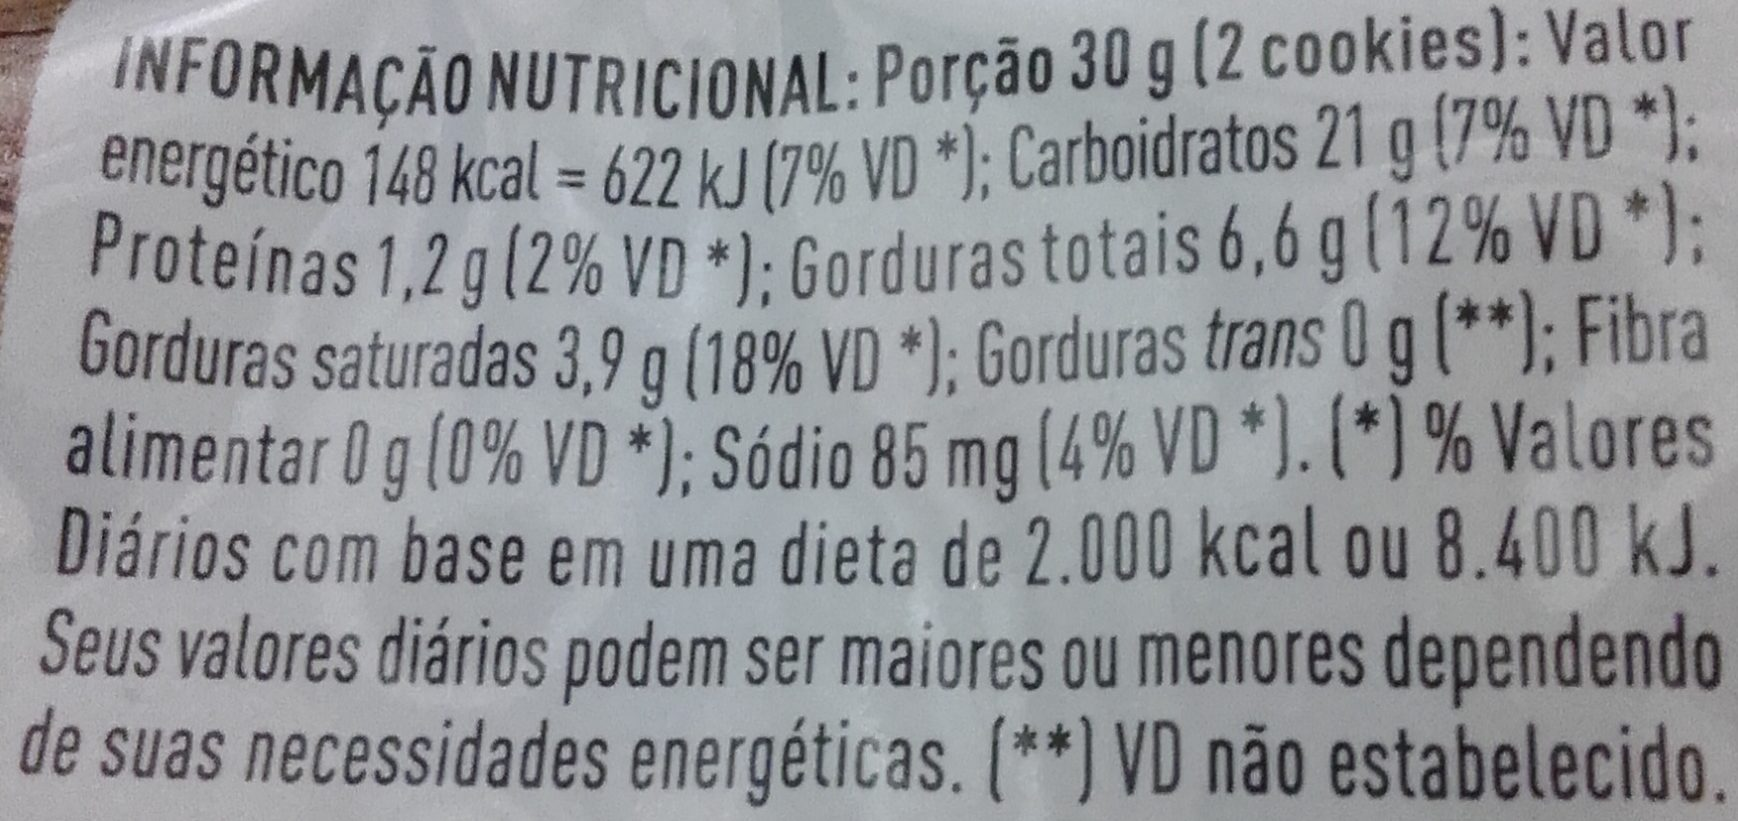 Cookies de Baunilha com Confeitos Qualitá - Nutrition facts